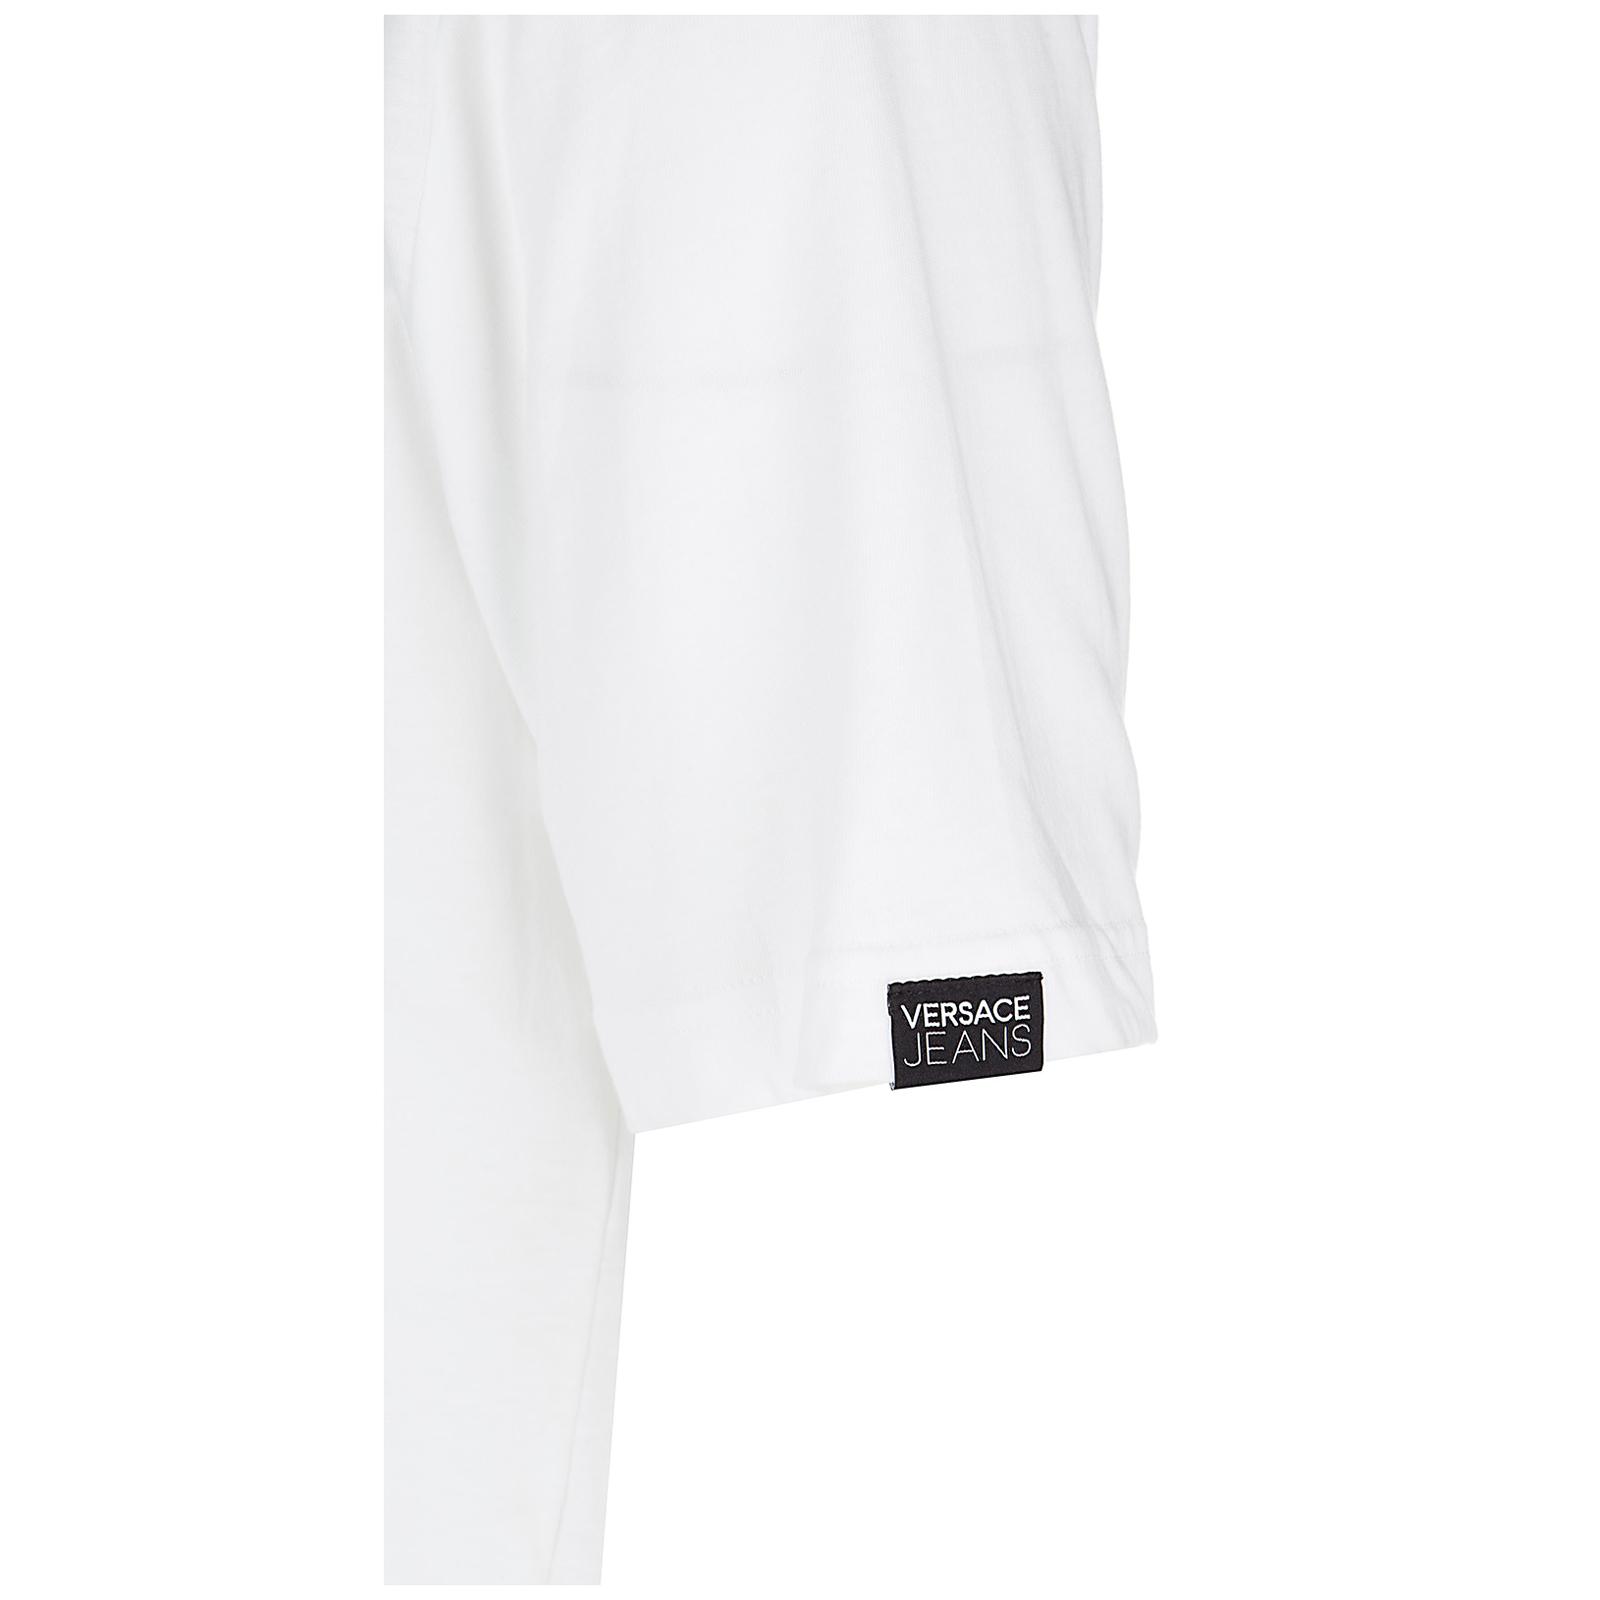 T-shirt maglia maniche corte girocollo uomo jersey